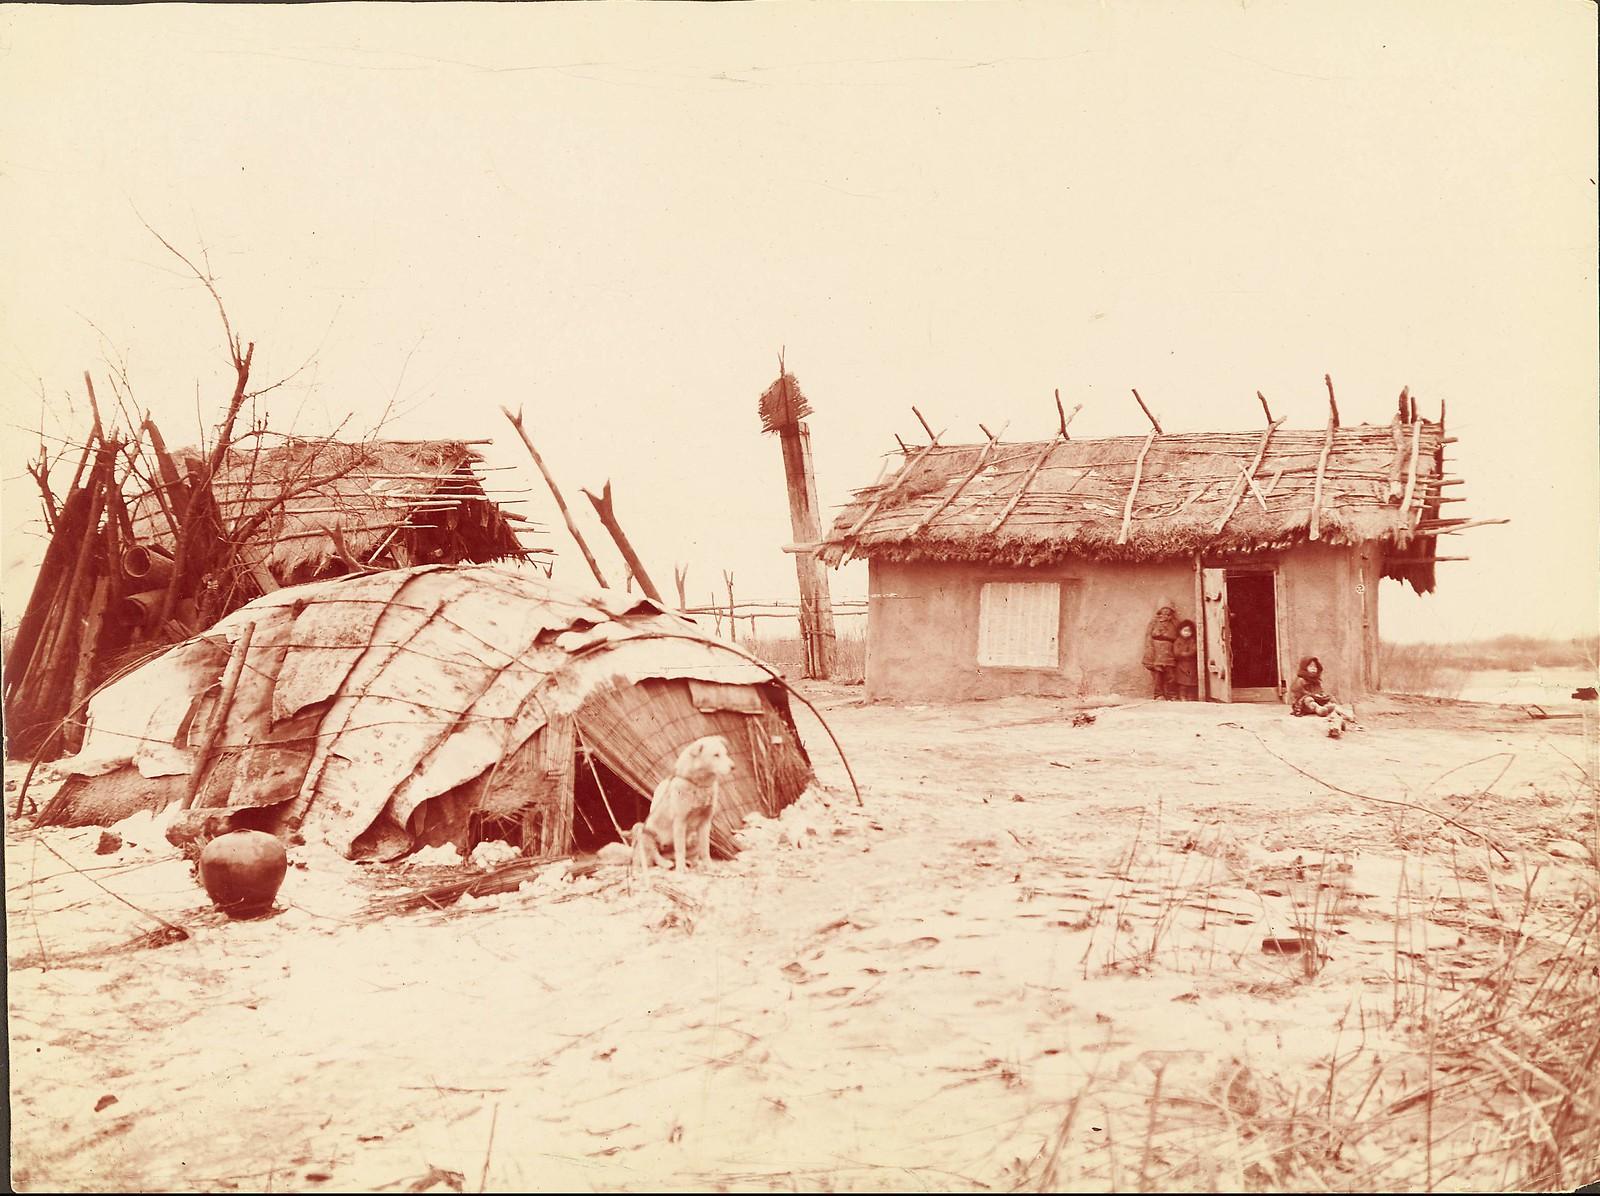 В деревне гольдов к северу от Хабаровска. На переднем плане привязанная собака